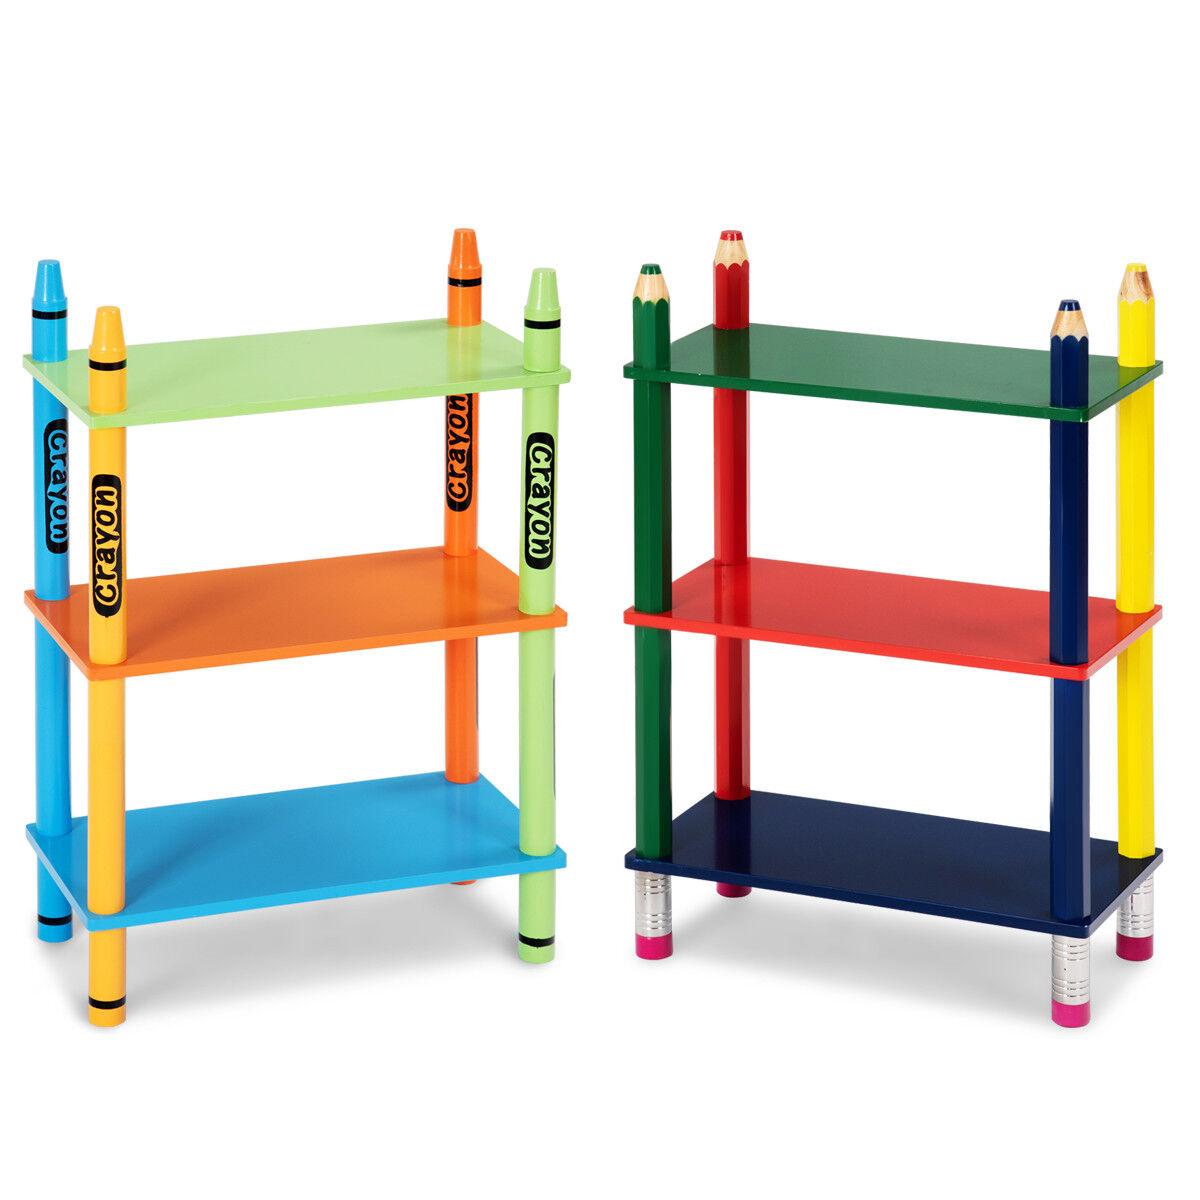 Kinder Regal Kinder Bücherregal Aufbewahrungsregal Spielzeugregal Kindermöbel